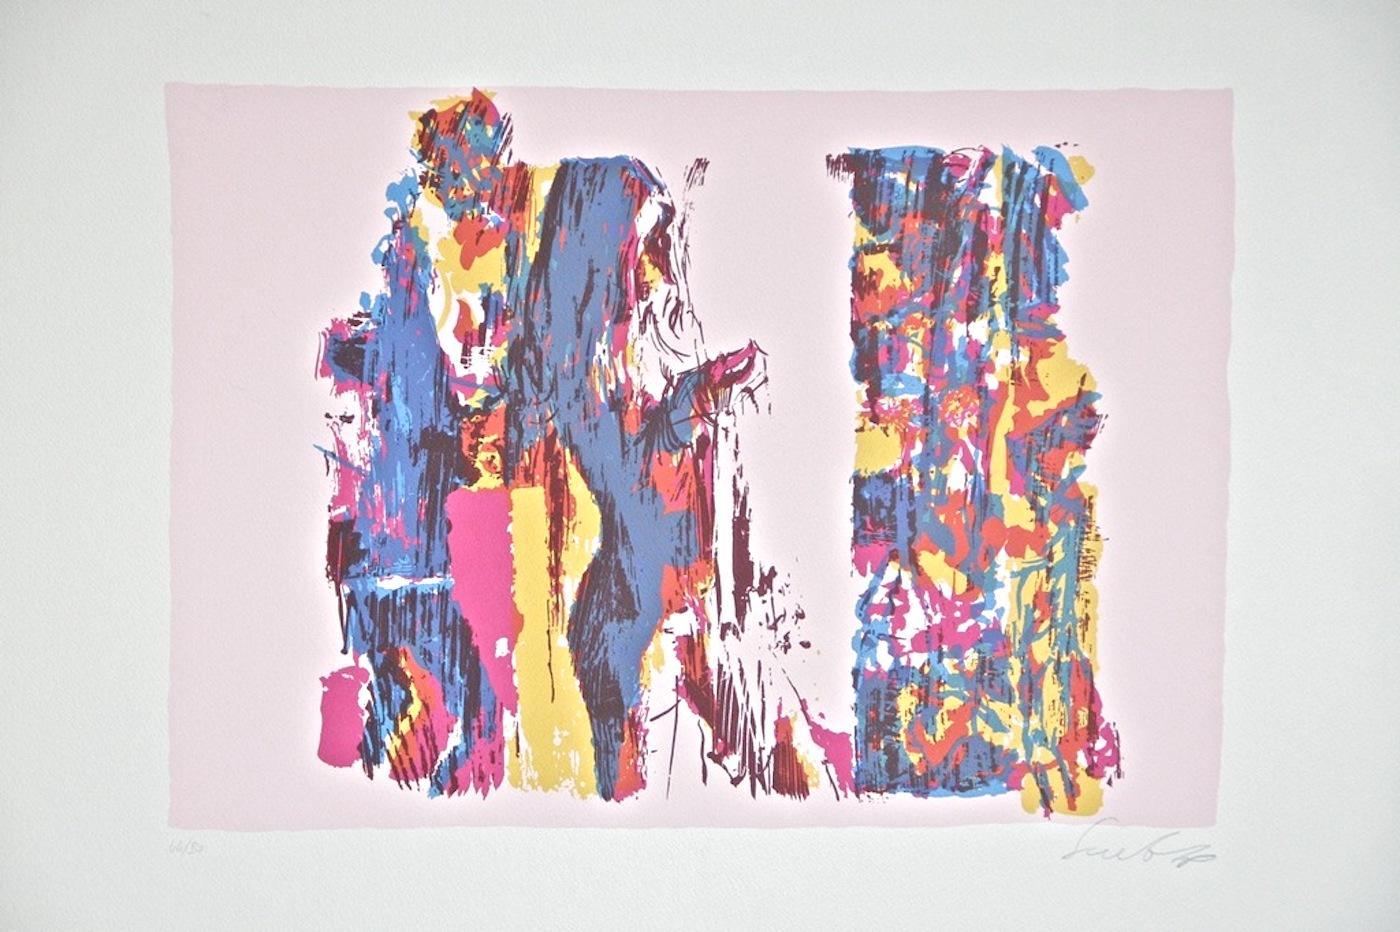 Subject n. 7 - Original Screen Print by Nicola Simbari - 1976